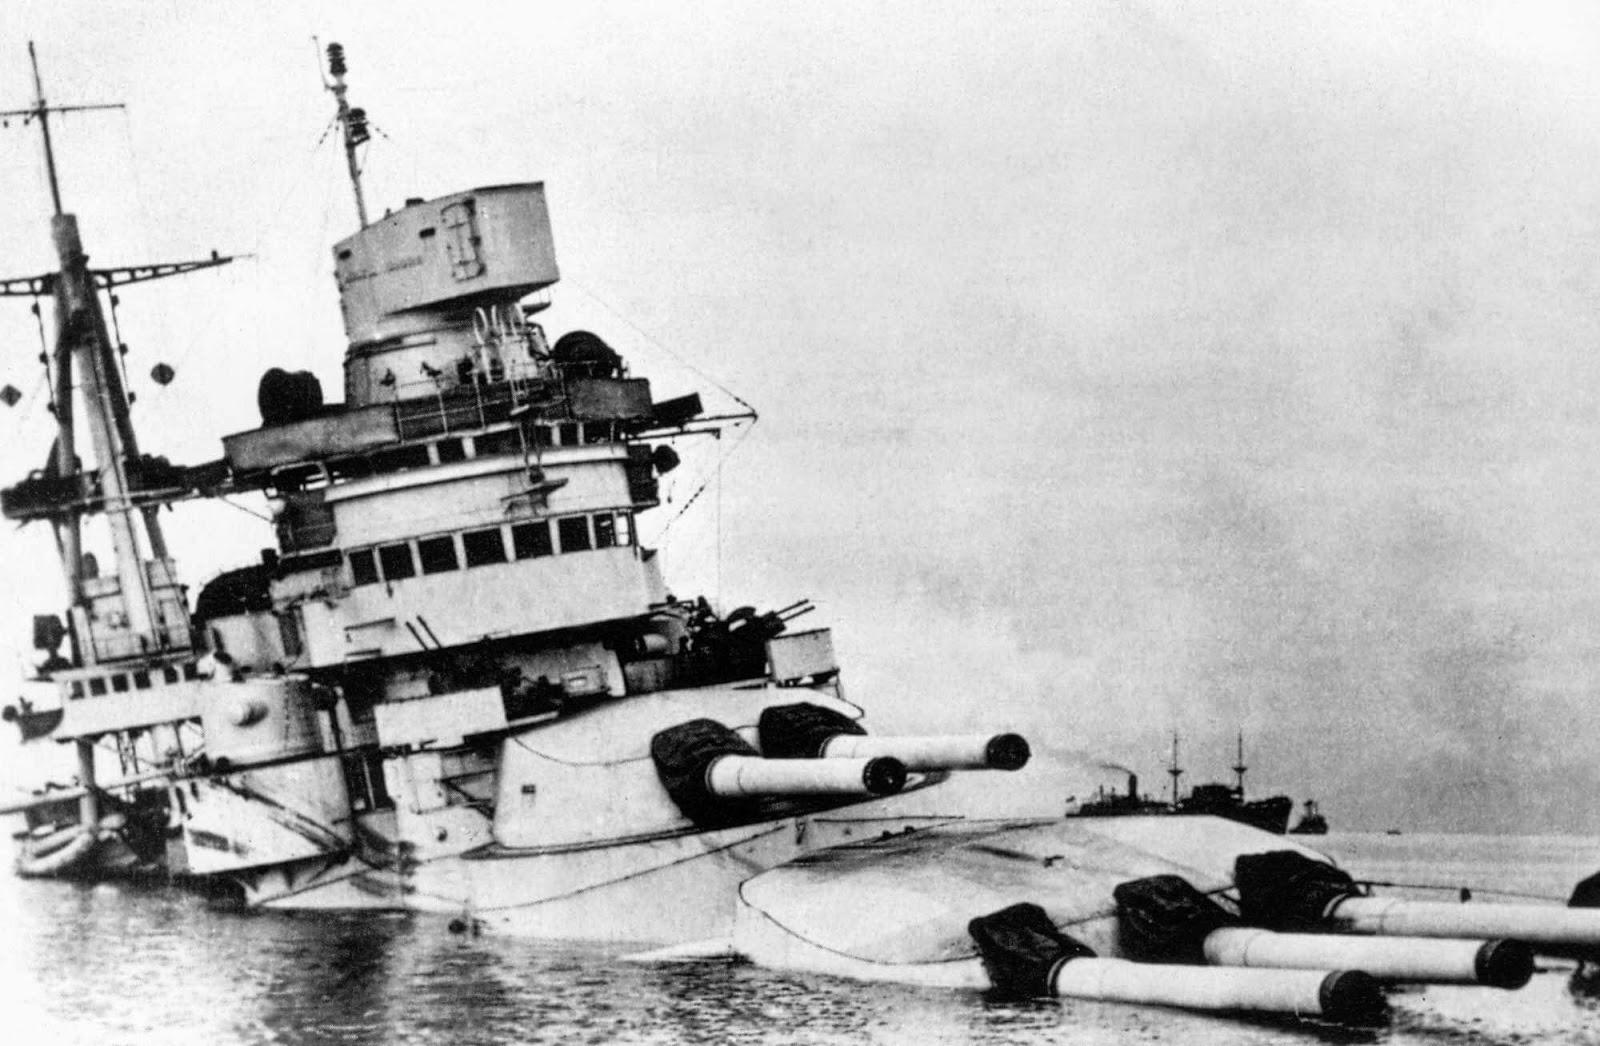 Conte_di_Cavour_sunk_after_Taranto_attack__12_November_1940..jpg